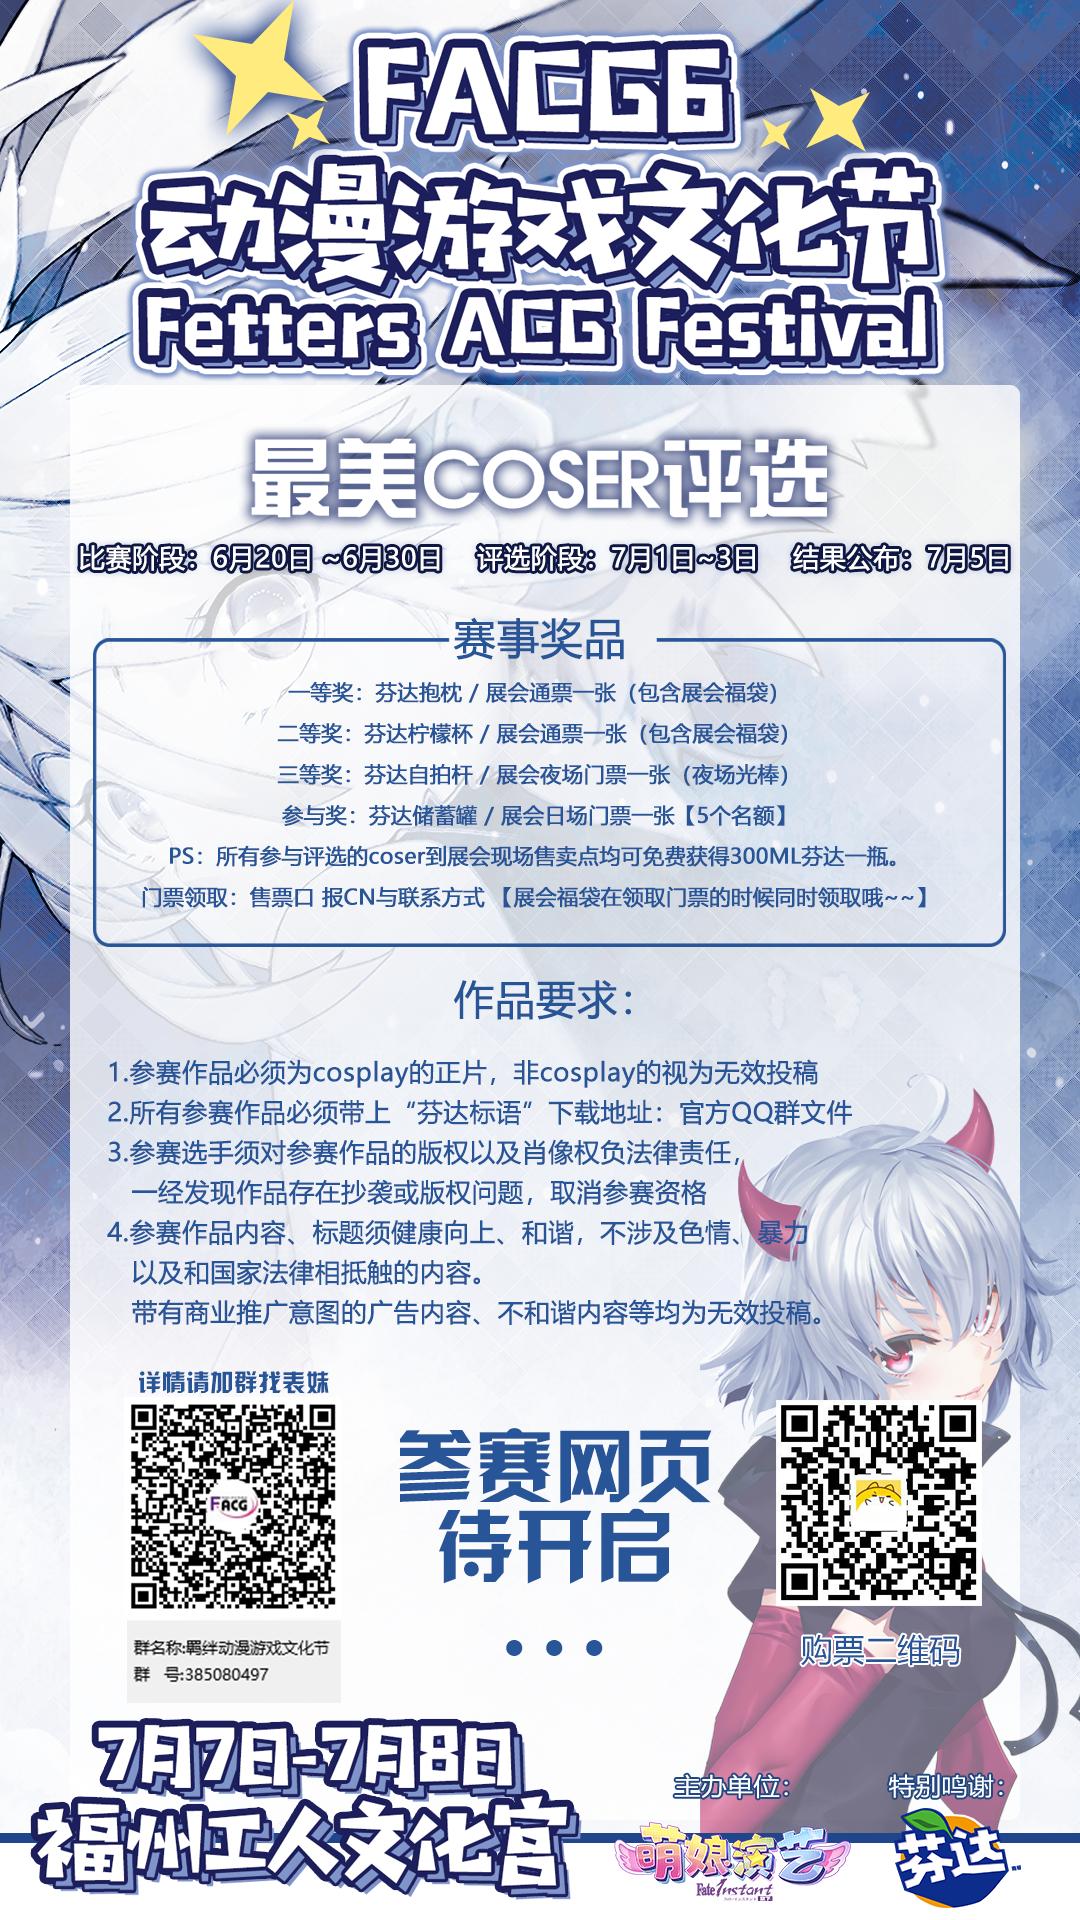 最美COSER线上评选活动火热报名中,参与即可获得奖品!-ANICOGA